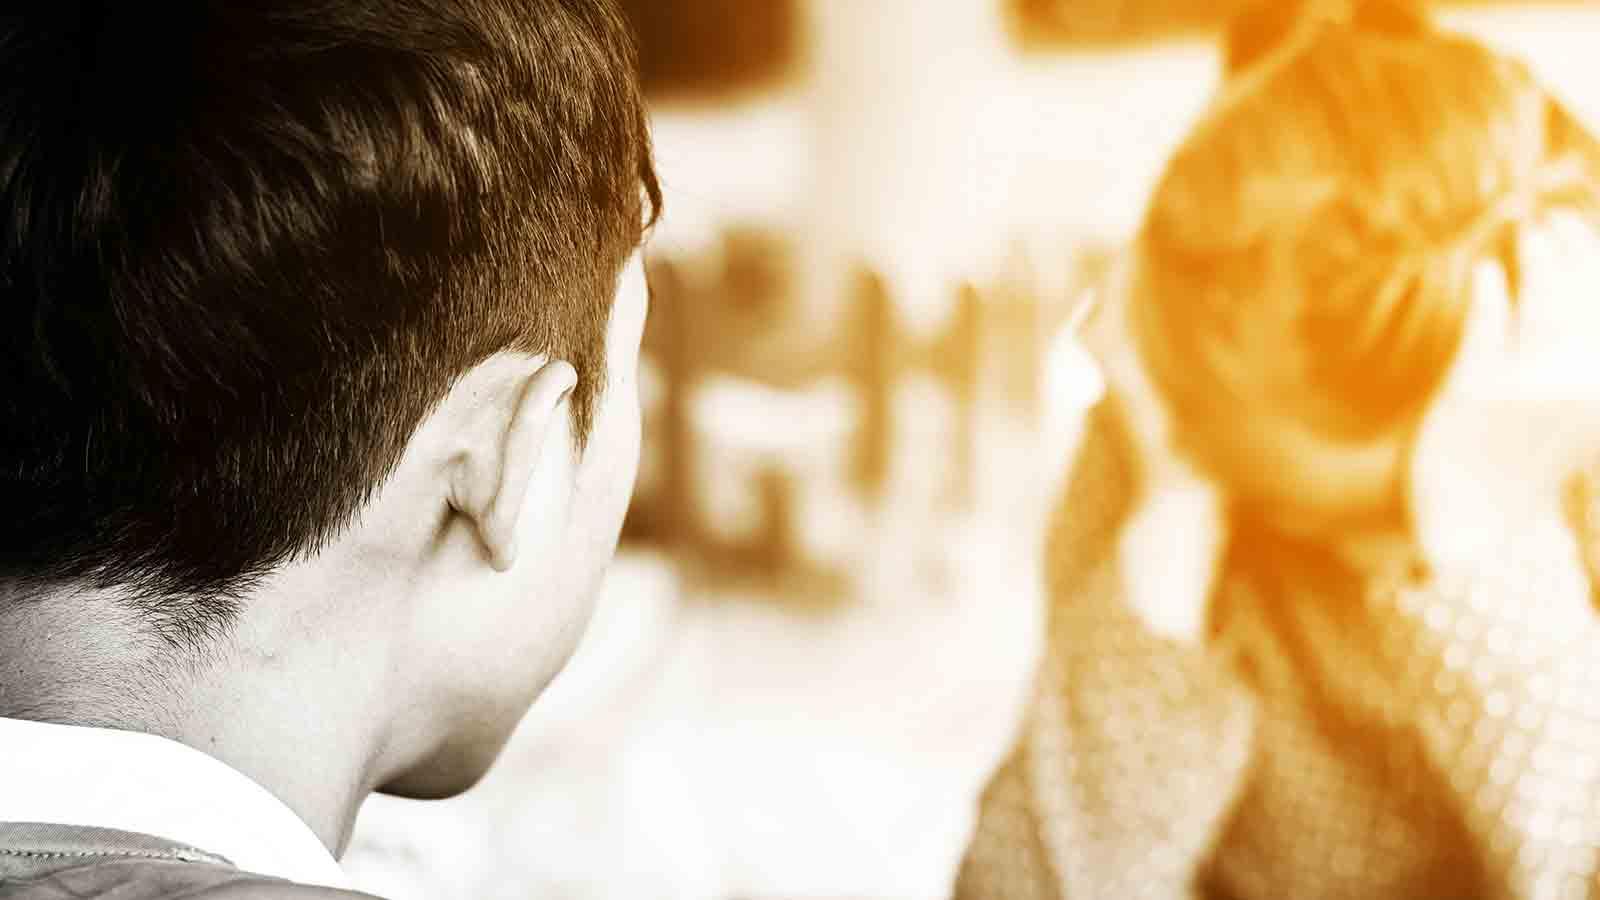 Uno de cada seis adolescentes es víctima de la violencia por parte de su pareja